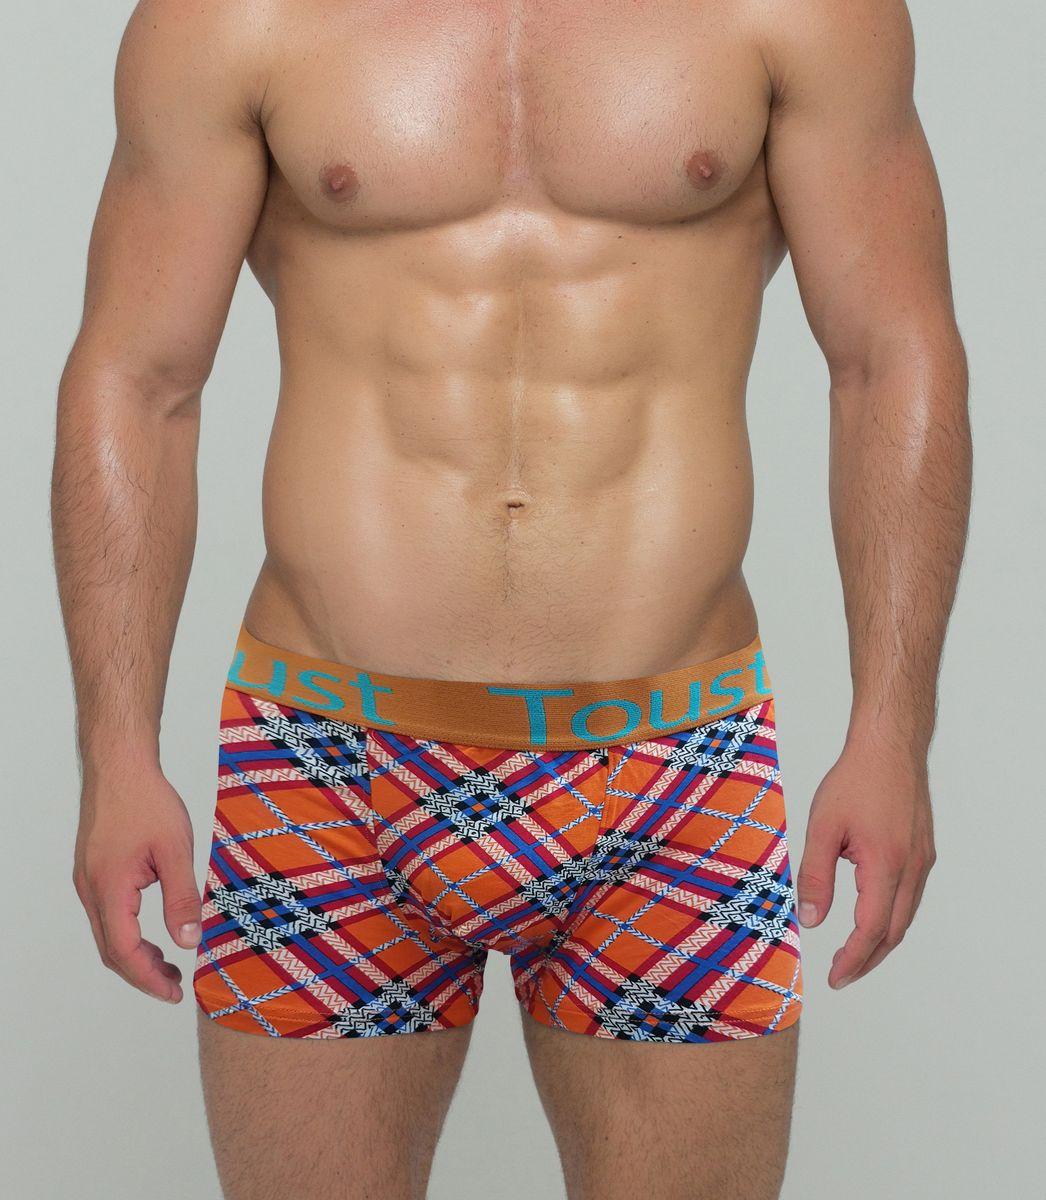 Купить Трусы-боксеры мужские Toust, цвет: красный, оранжевый. T8003A. Размер XL (48)